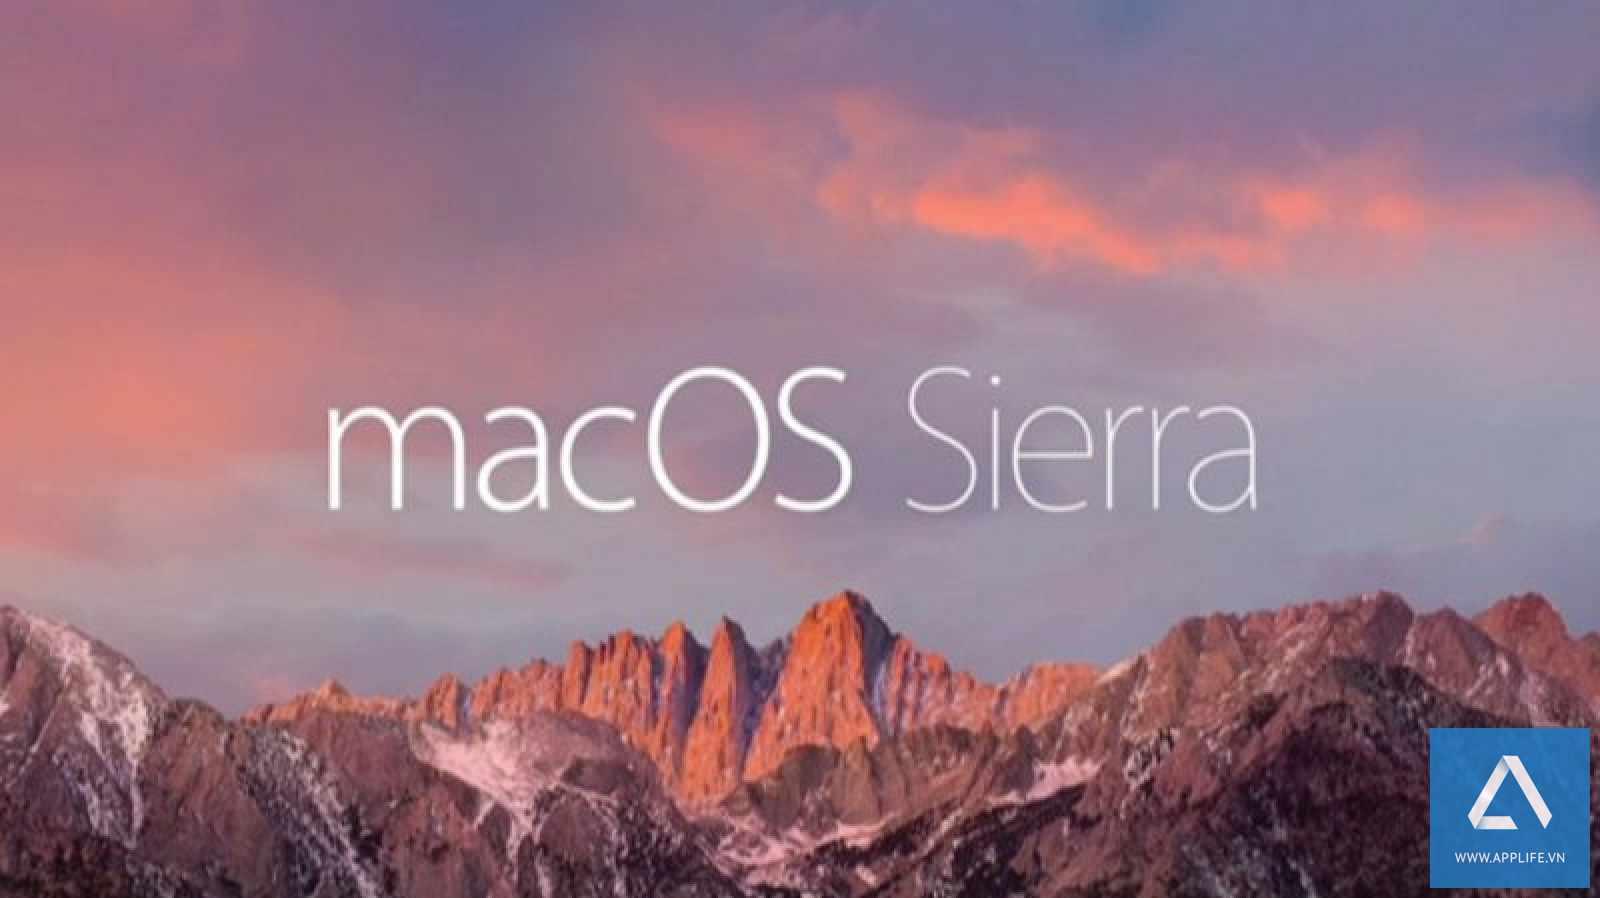 macOS Sierra sẽ tự động tải về trên hầu hết các máy Mac